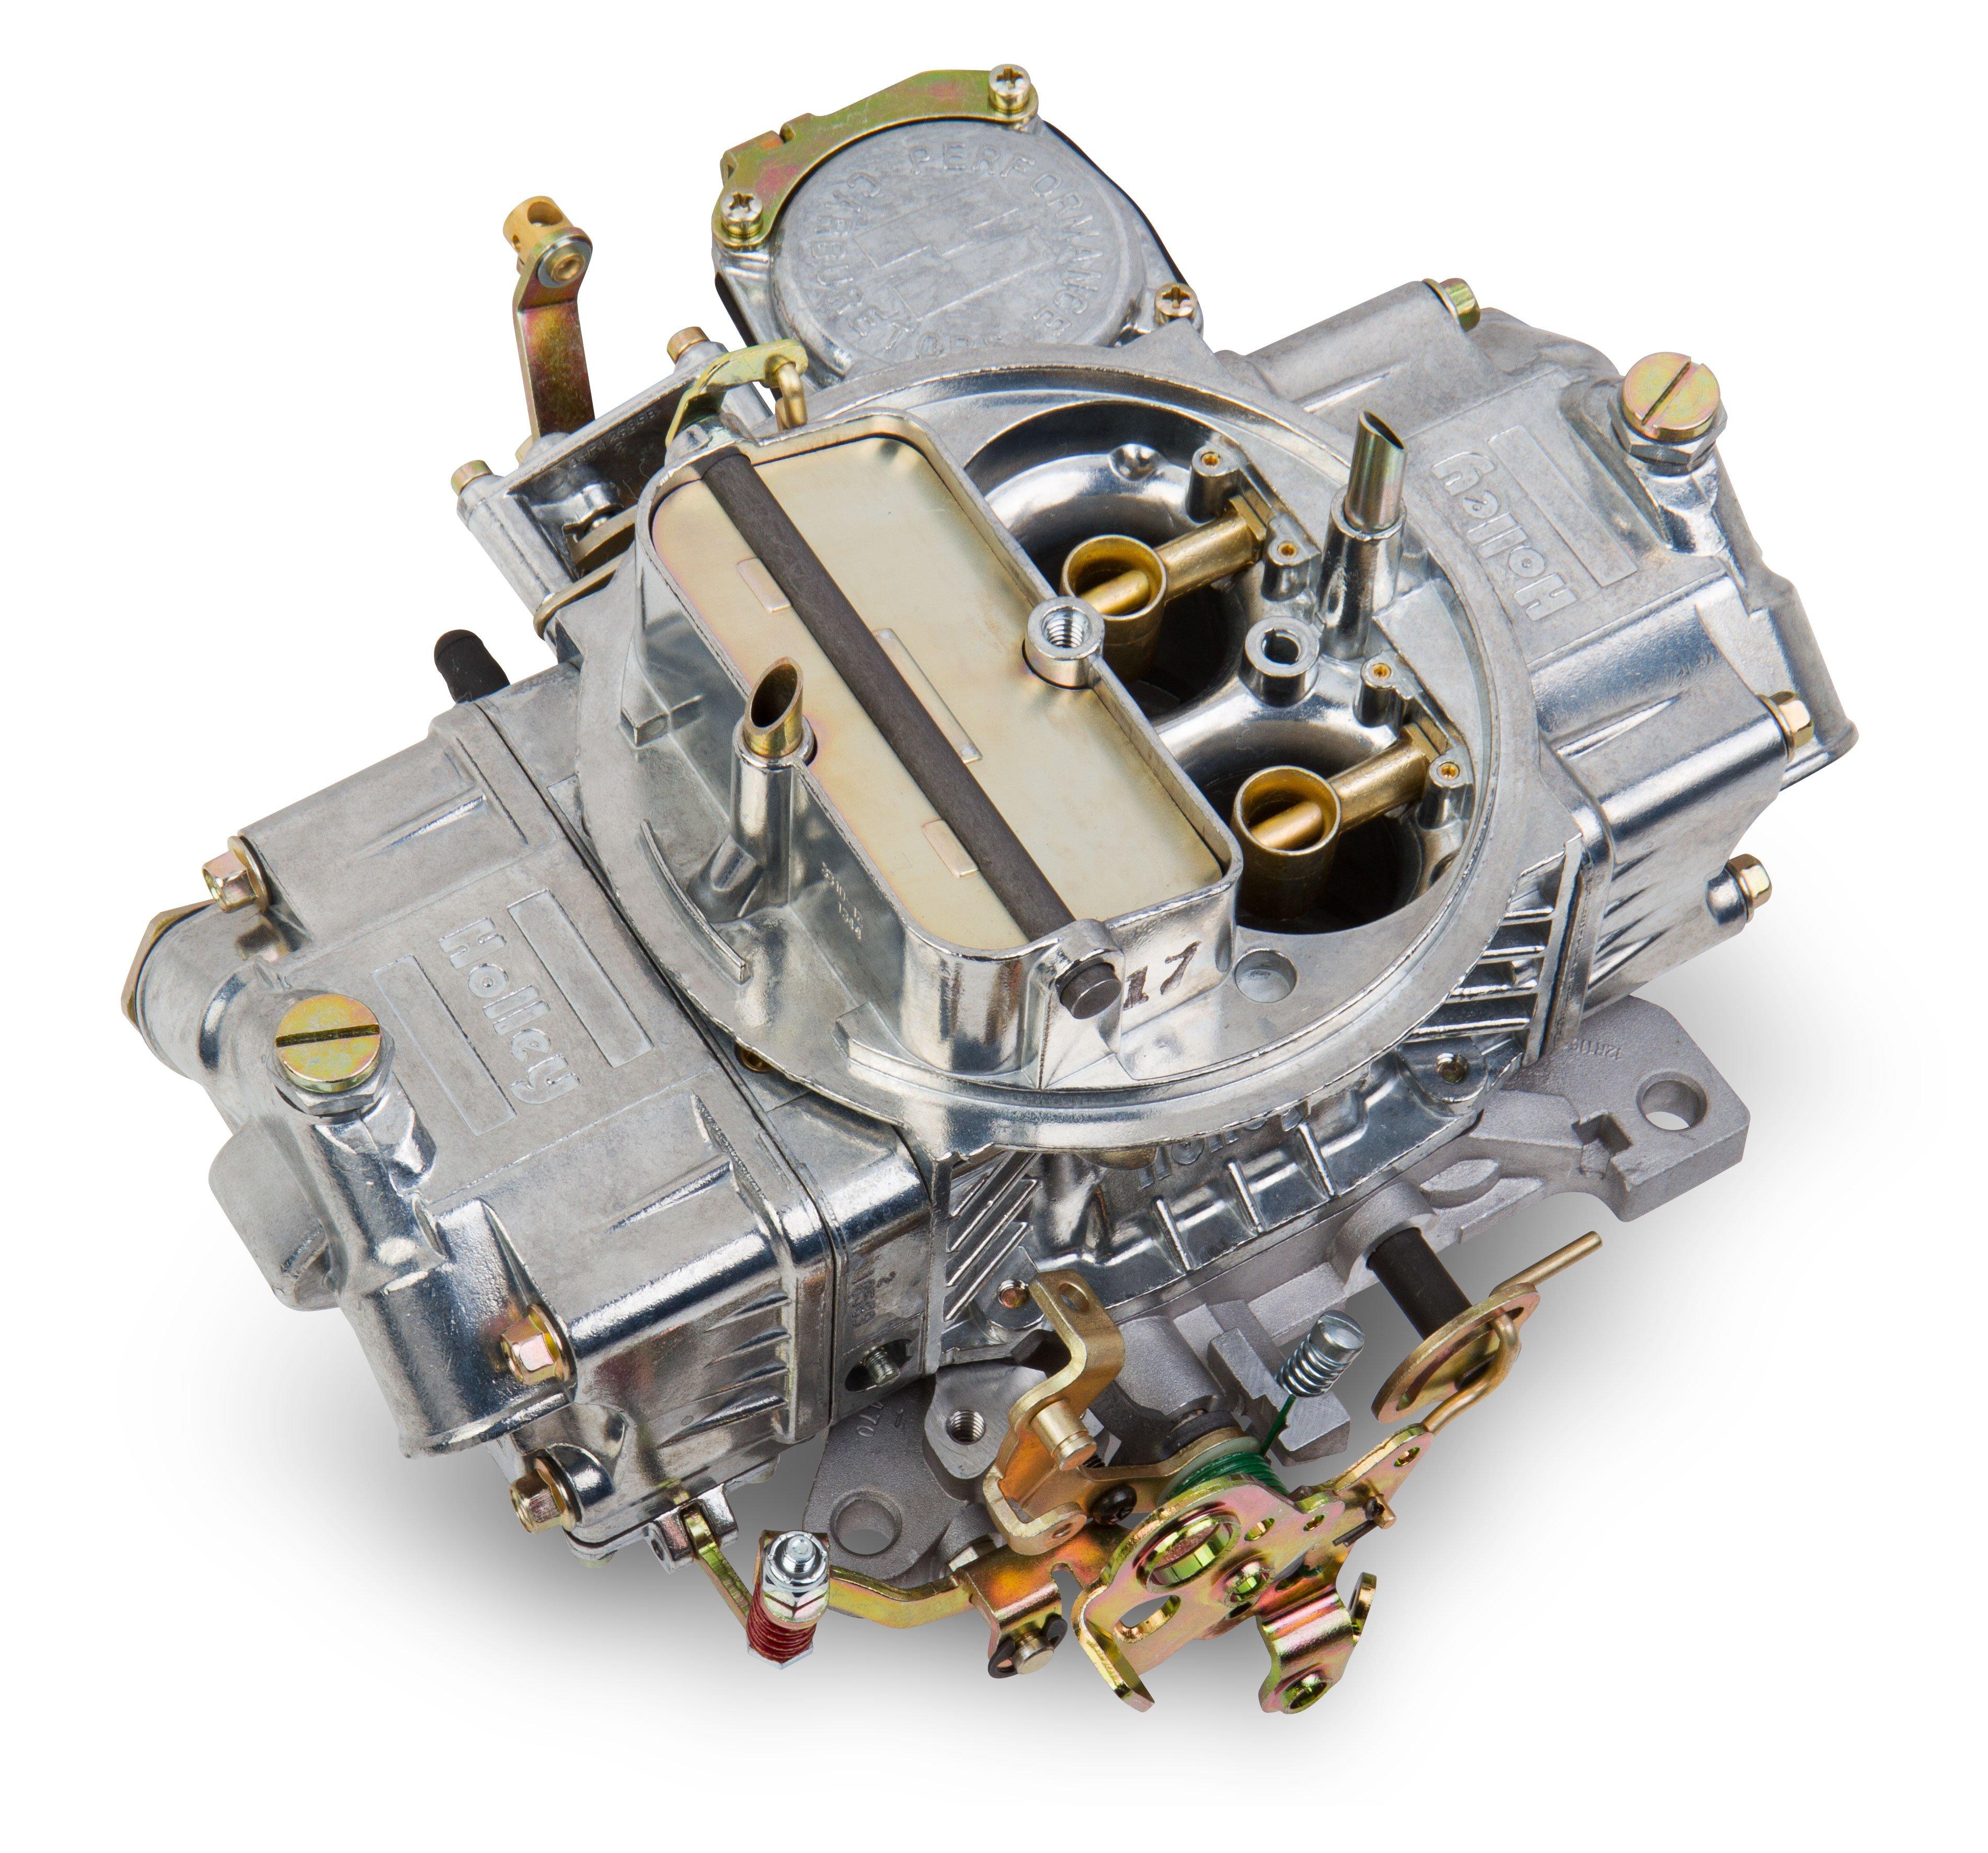 750 CFM Classic Holley Carburetor